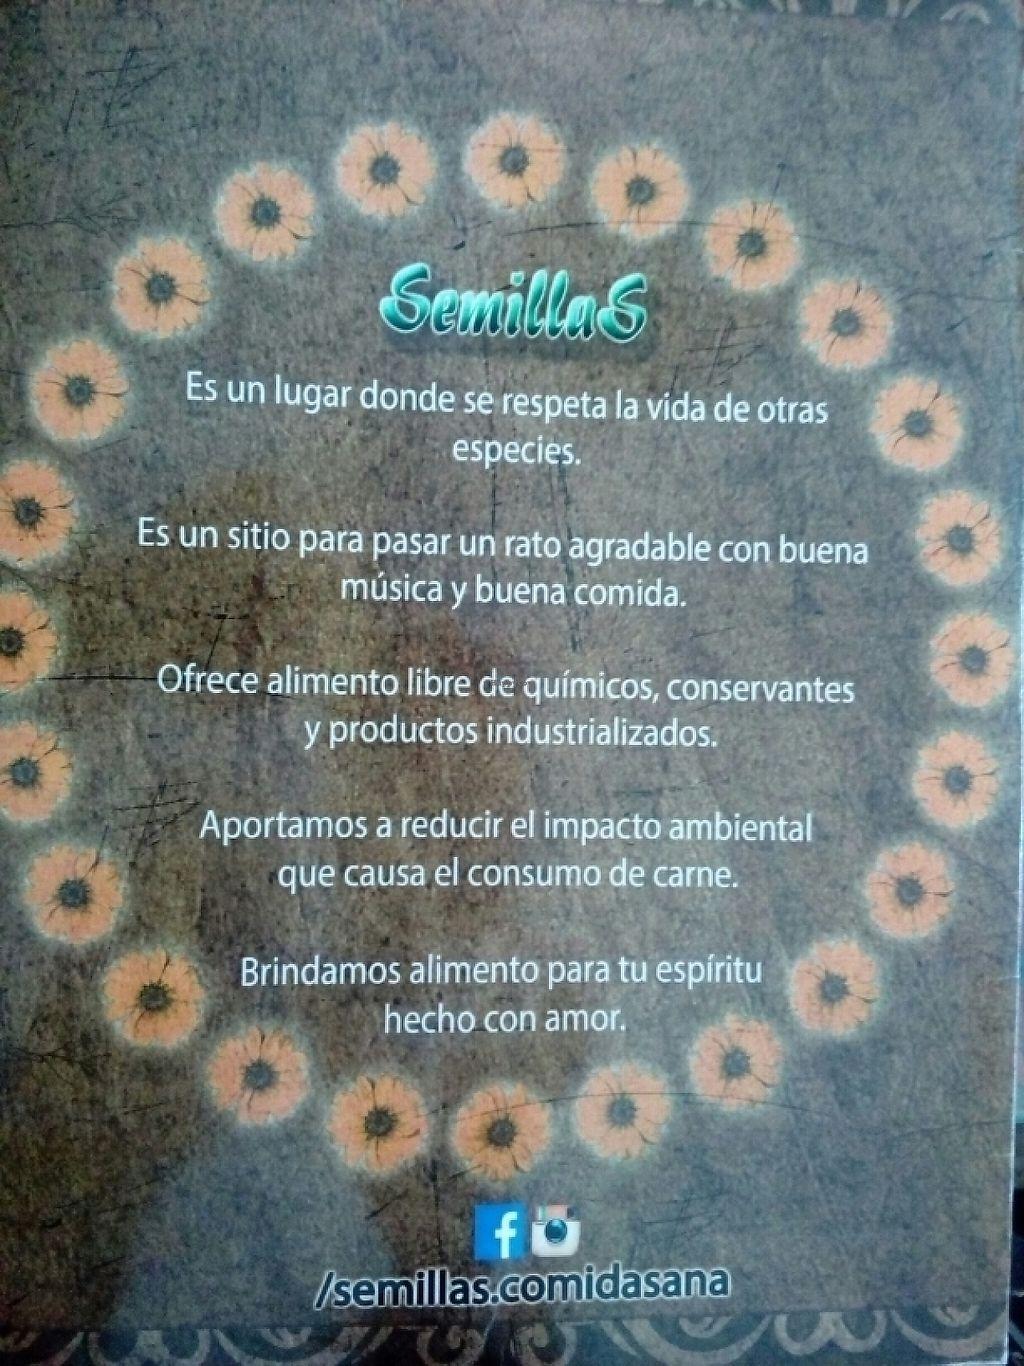 """Photo of Semillas Comida Sana  by <a href=""""/members/profile/falatel"""">falatel</a> <br/>Filosofia de Semillas <br/> June 5, 2017  - <a href='/contact/abuse/image/87708/266161'>Report</a>"""